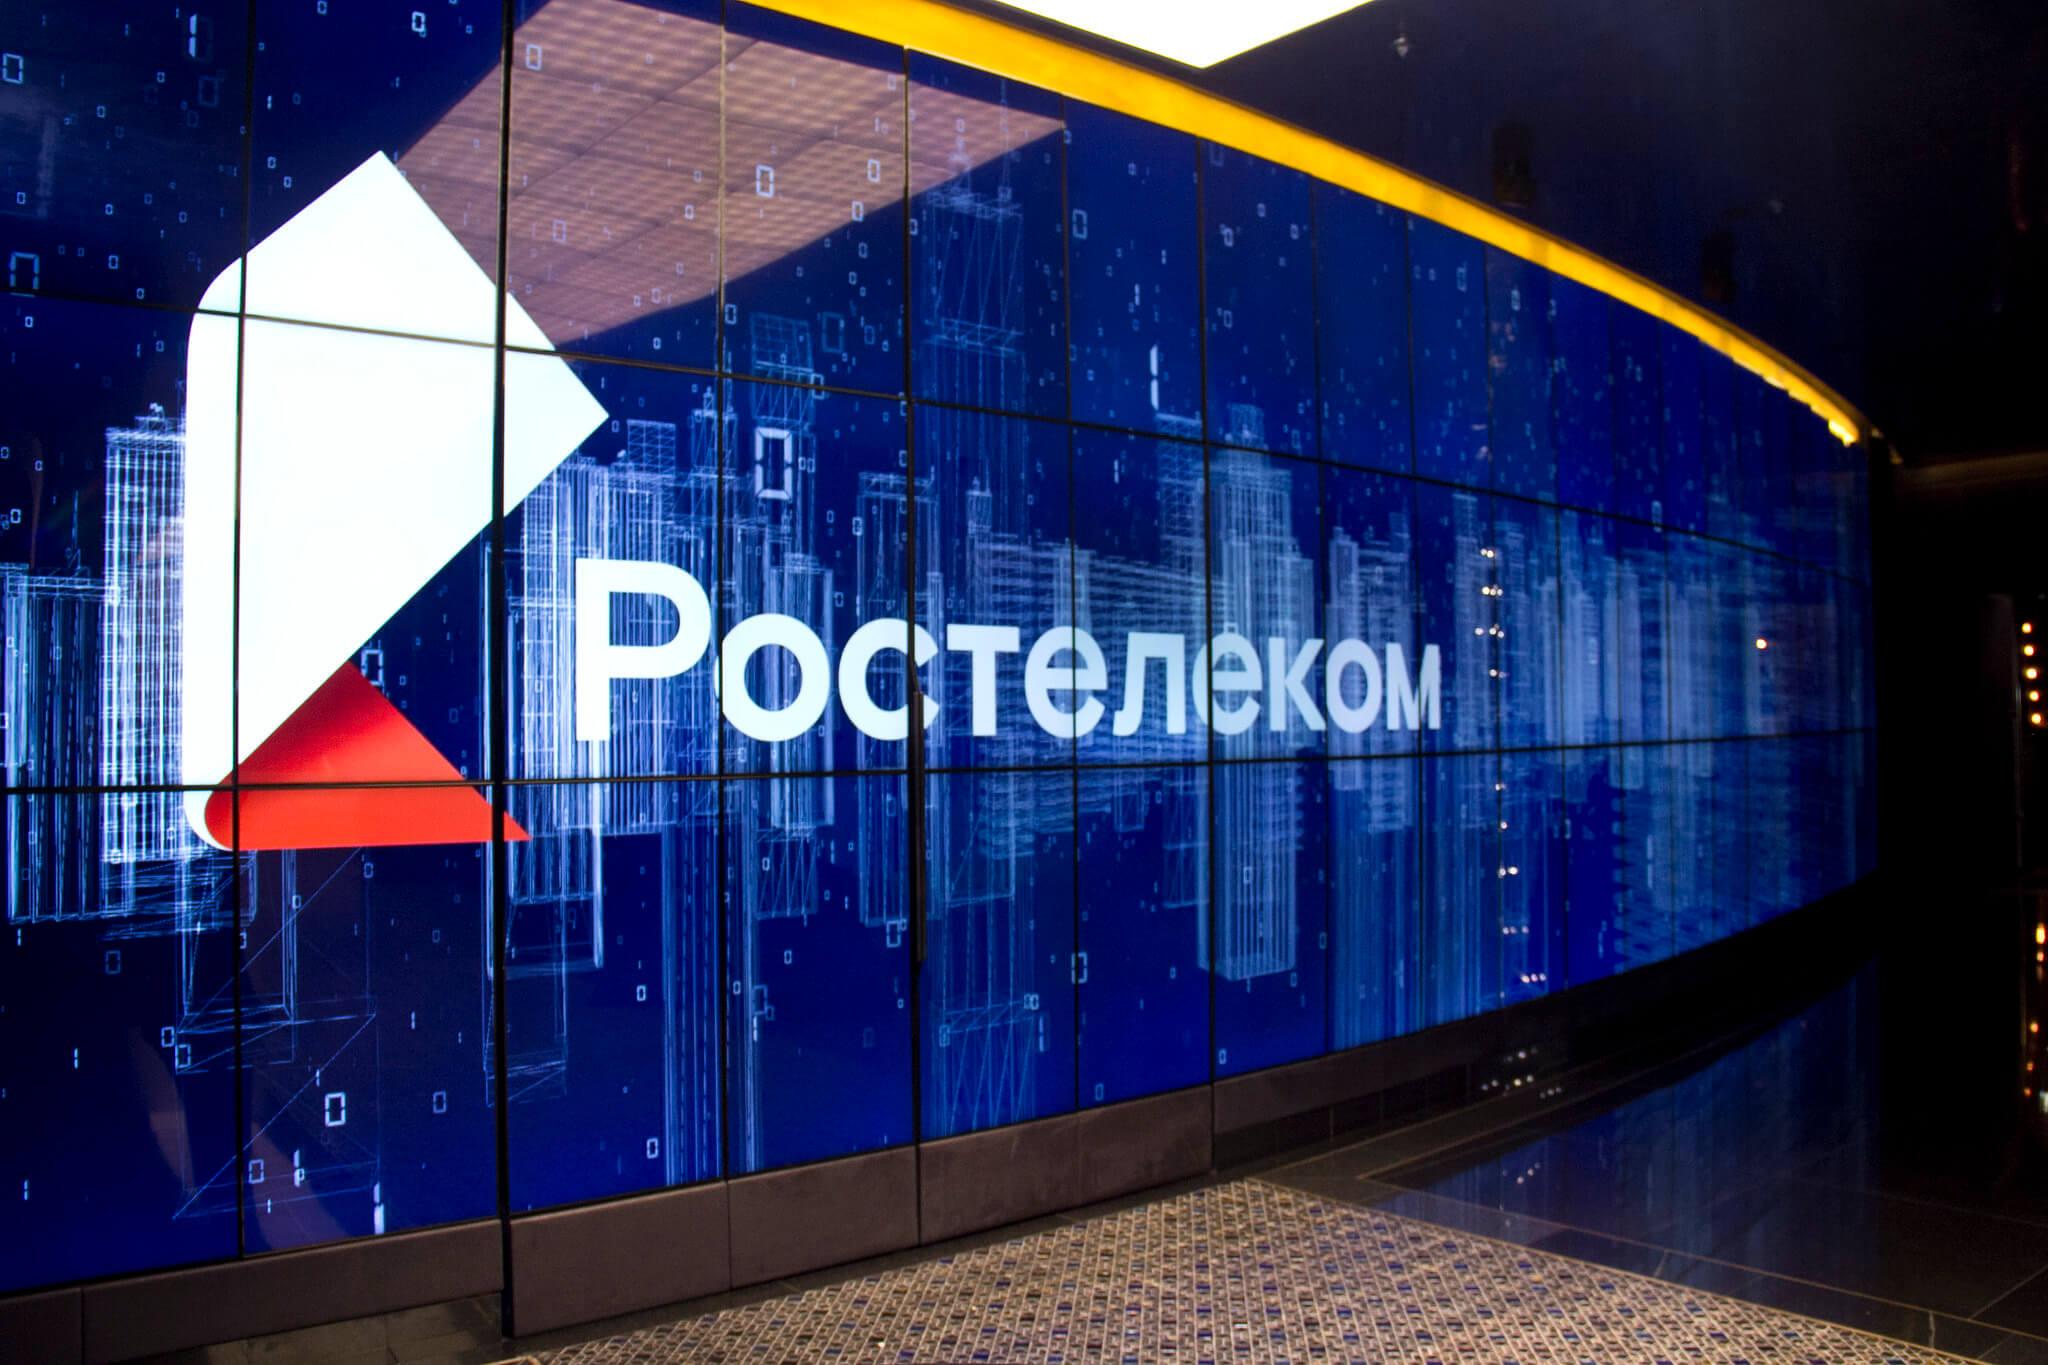 «Ростелеком» второй раз подряд получил высшую оценку Антикоррупционного рейтинга